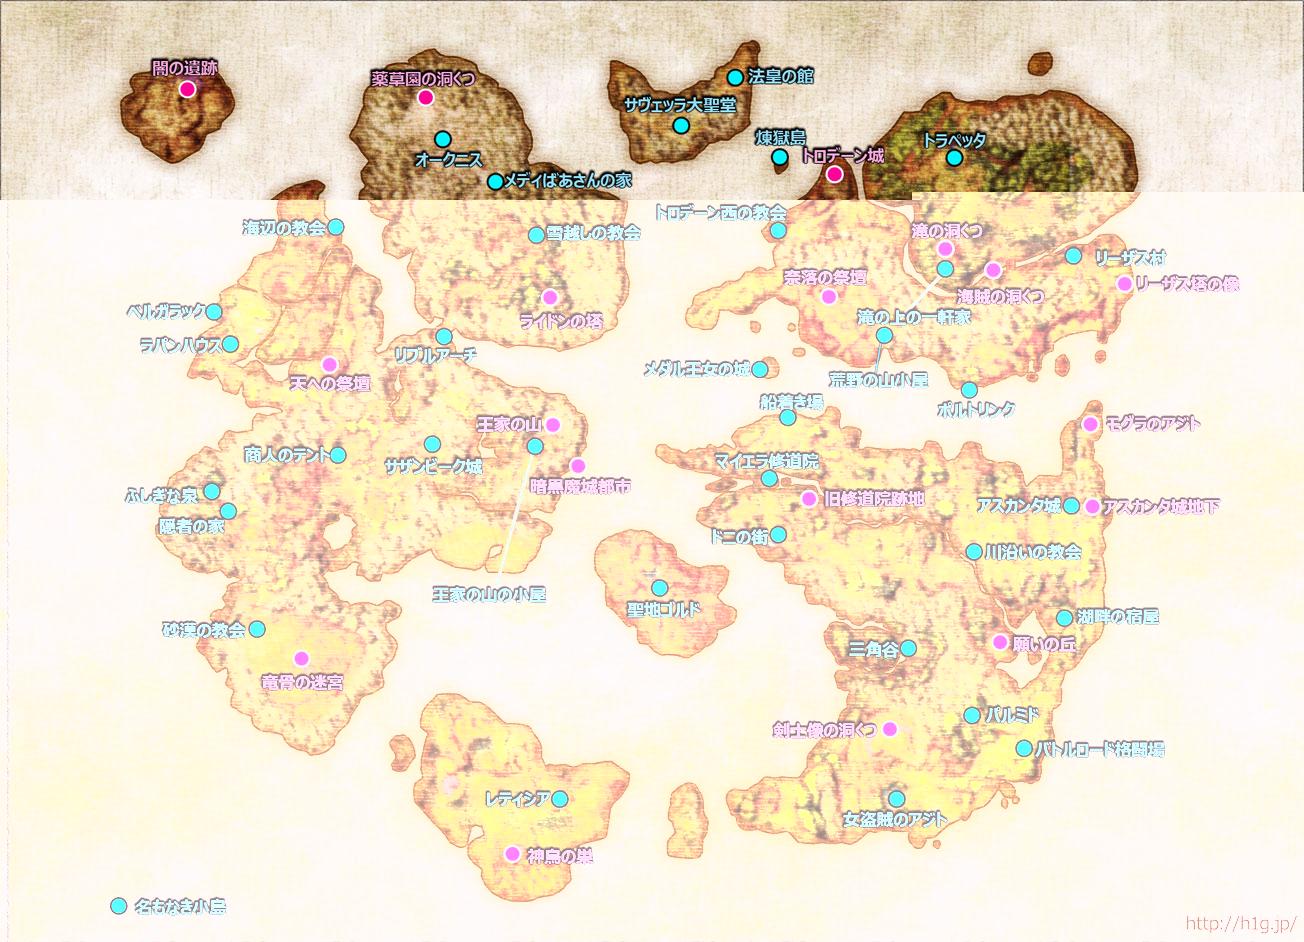 DQ8-ワールドマップ.jpg